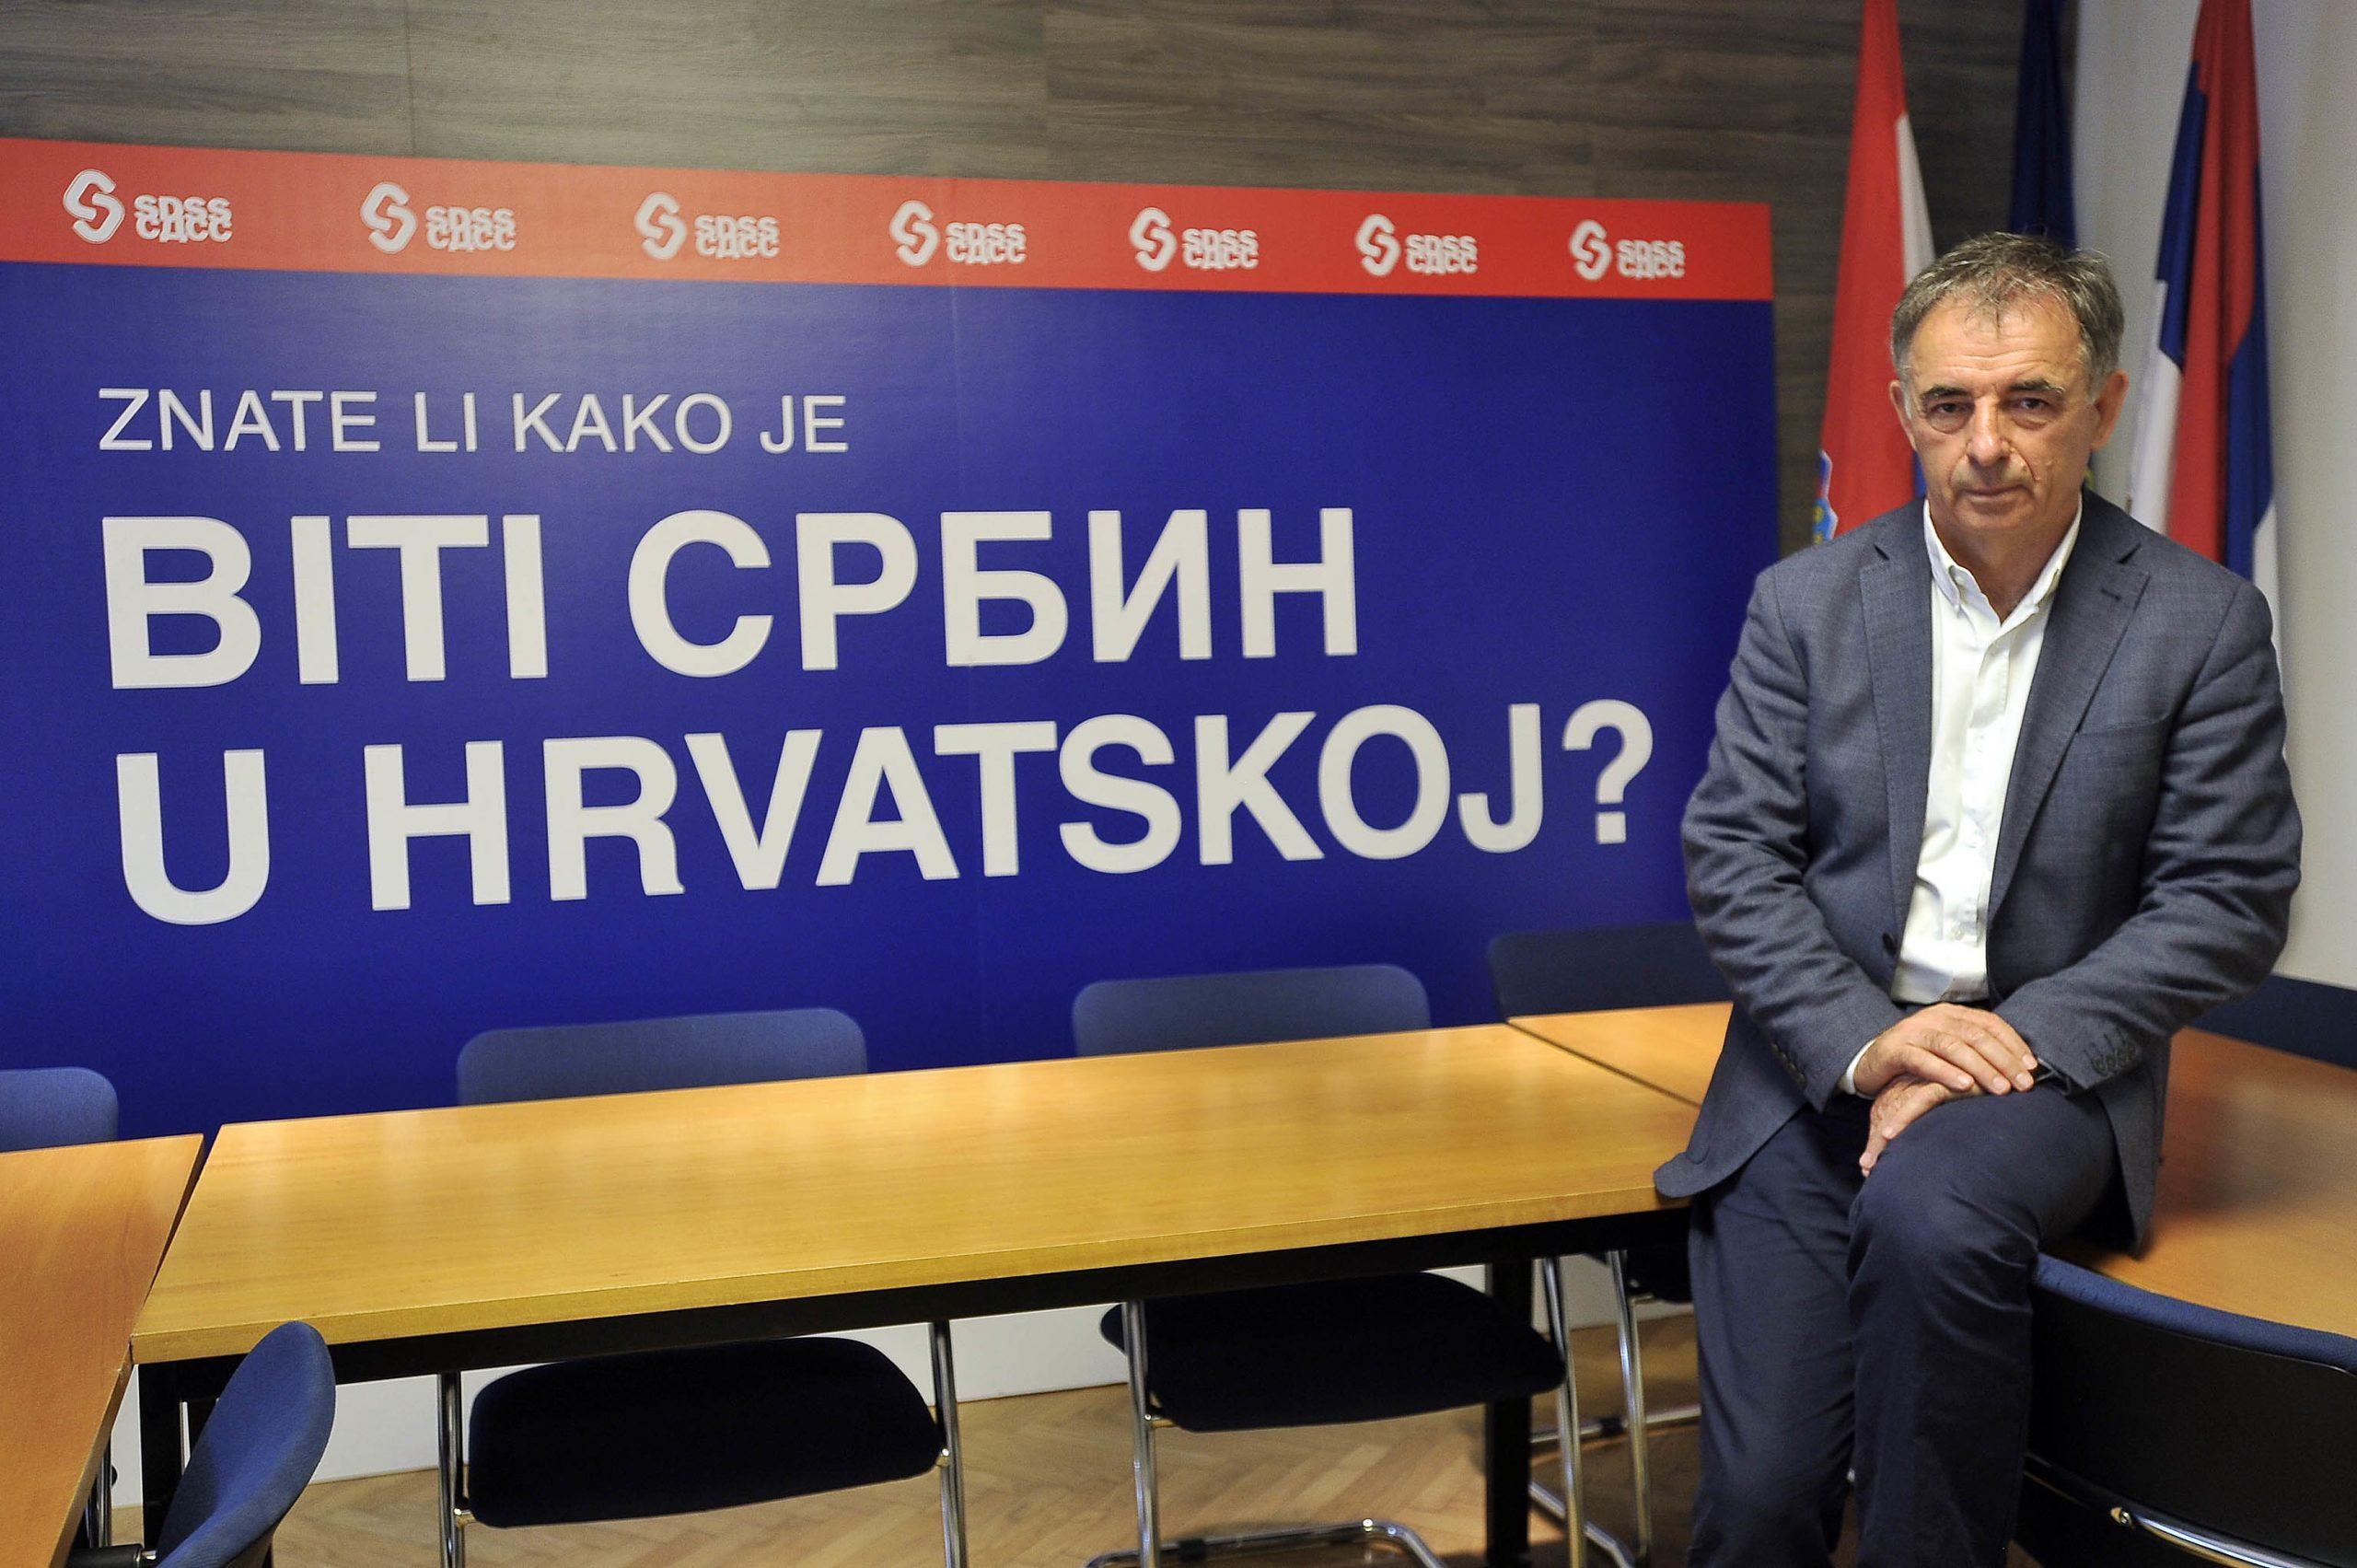 Davor Kovačević